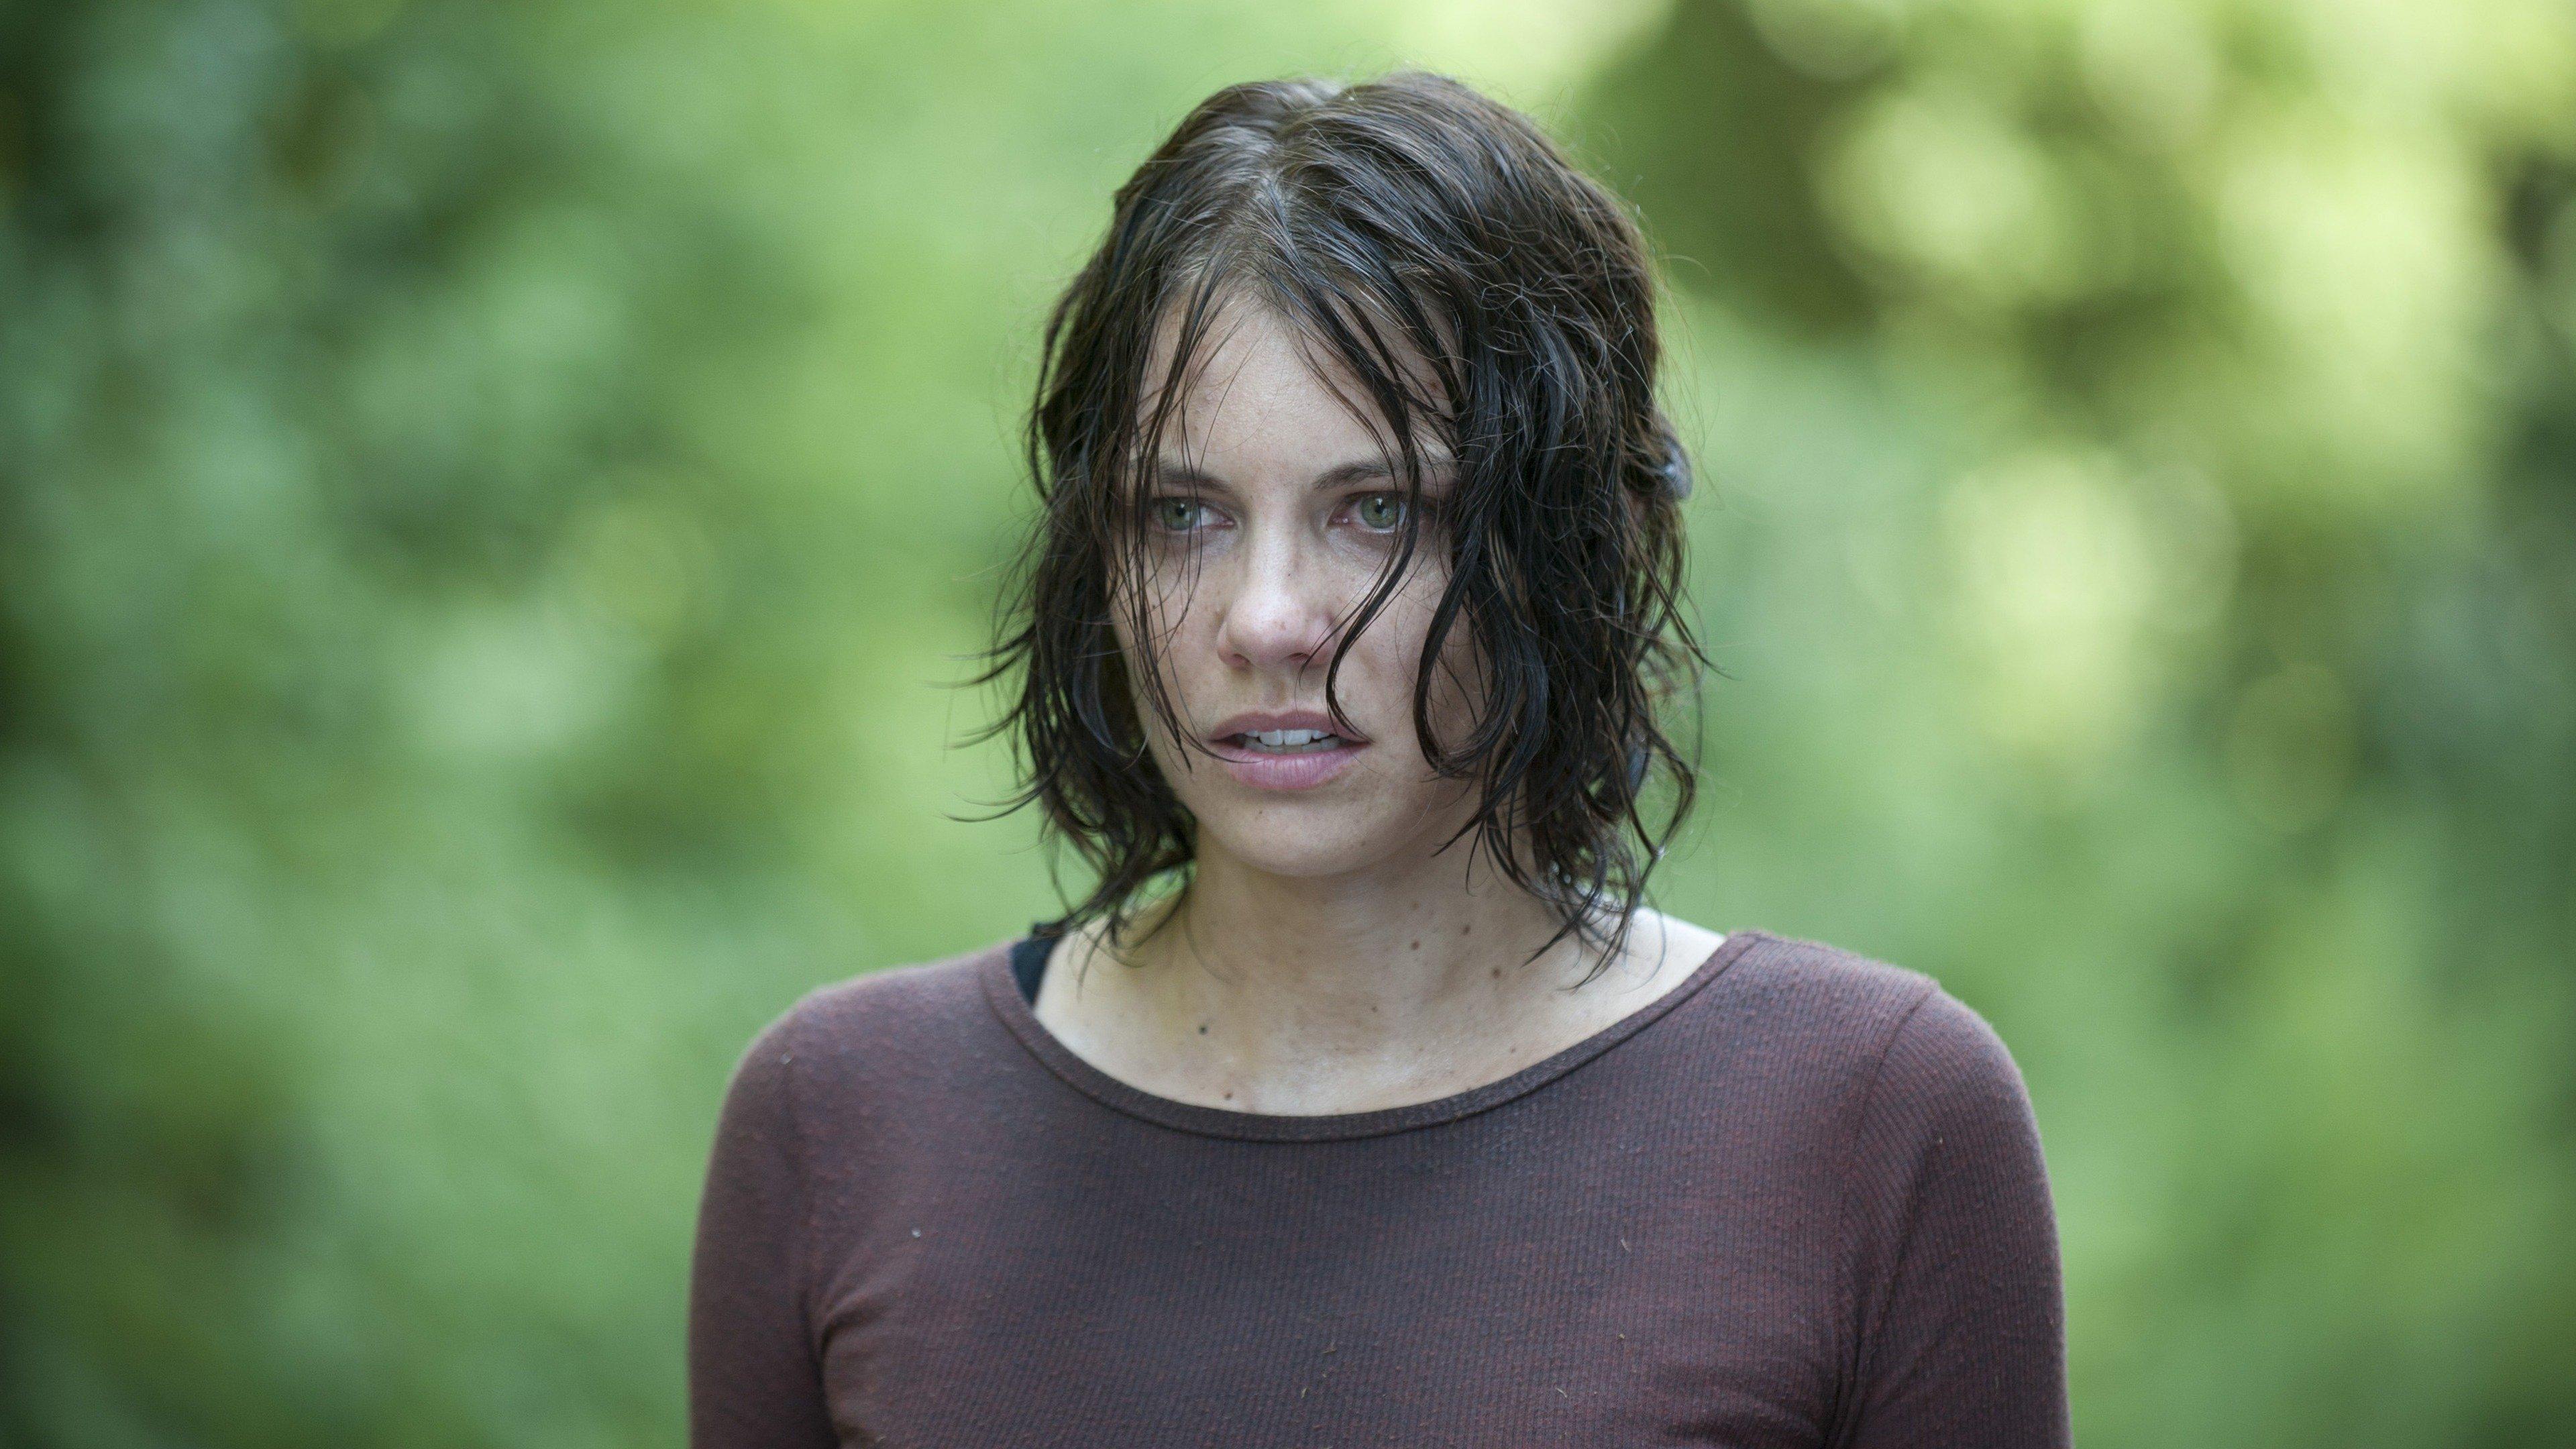 ходячие мертвецы смотреть 4 сезон 8 серия